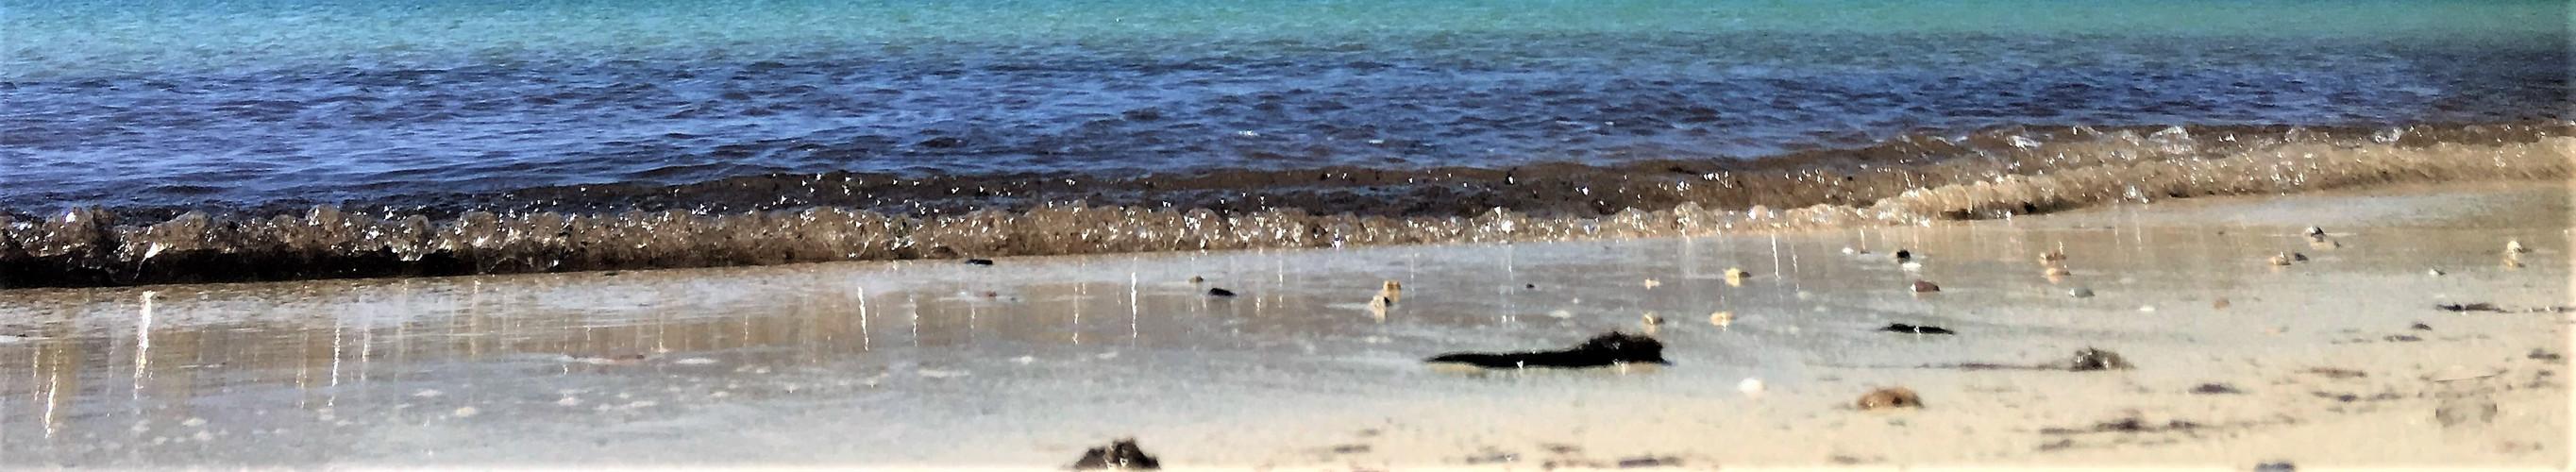 Das Meer, die Wellen, der Strand....Ruhe :-)